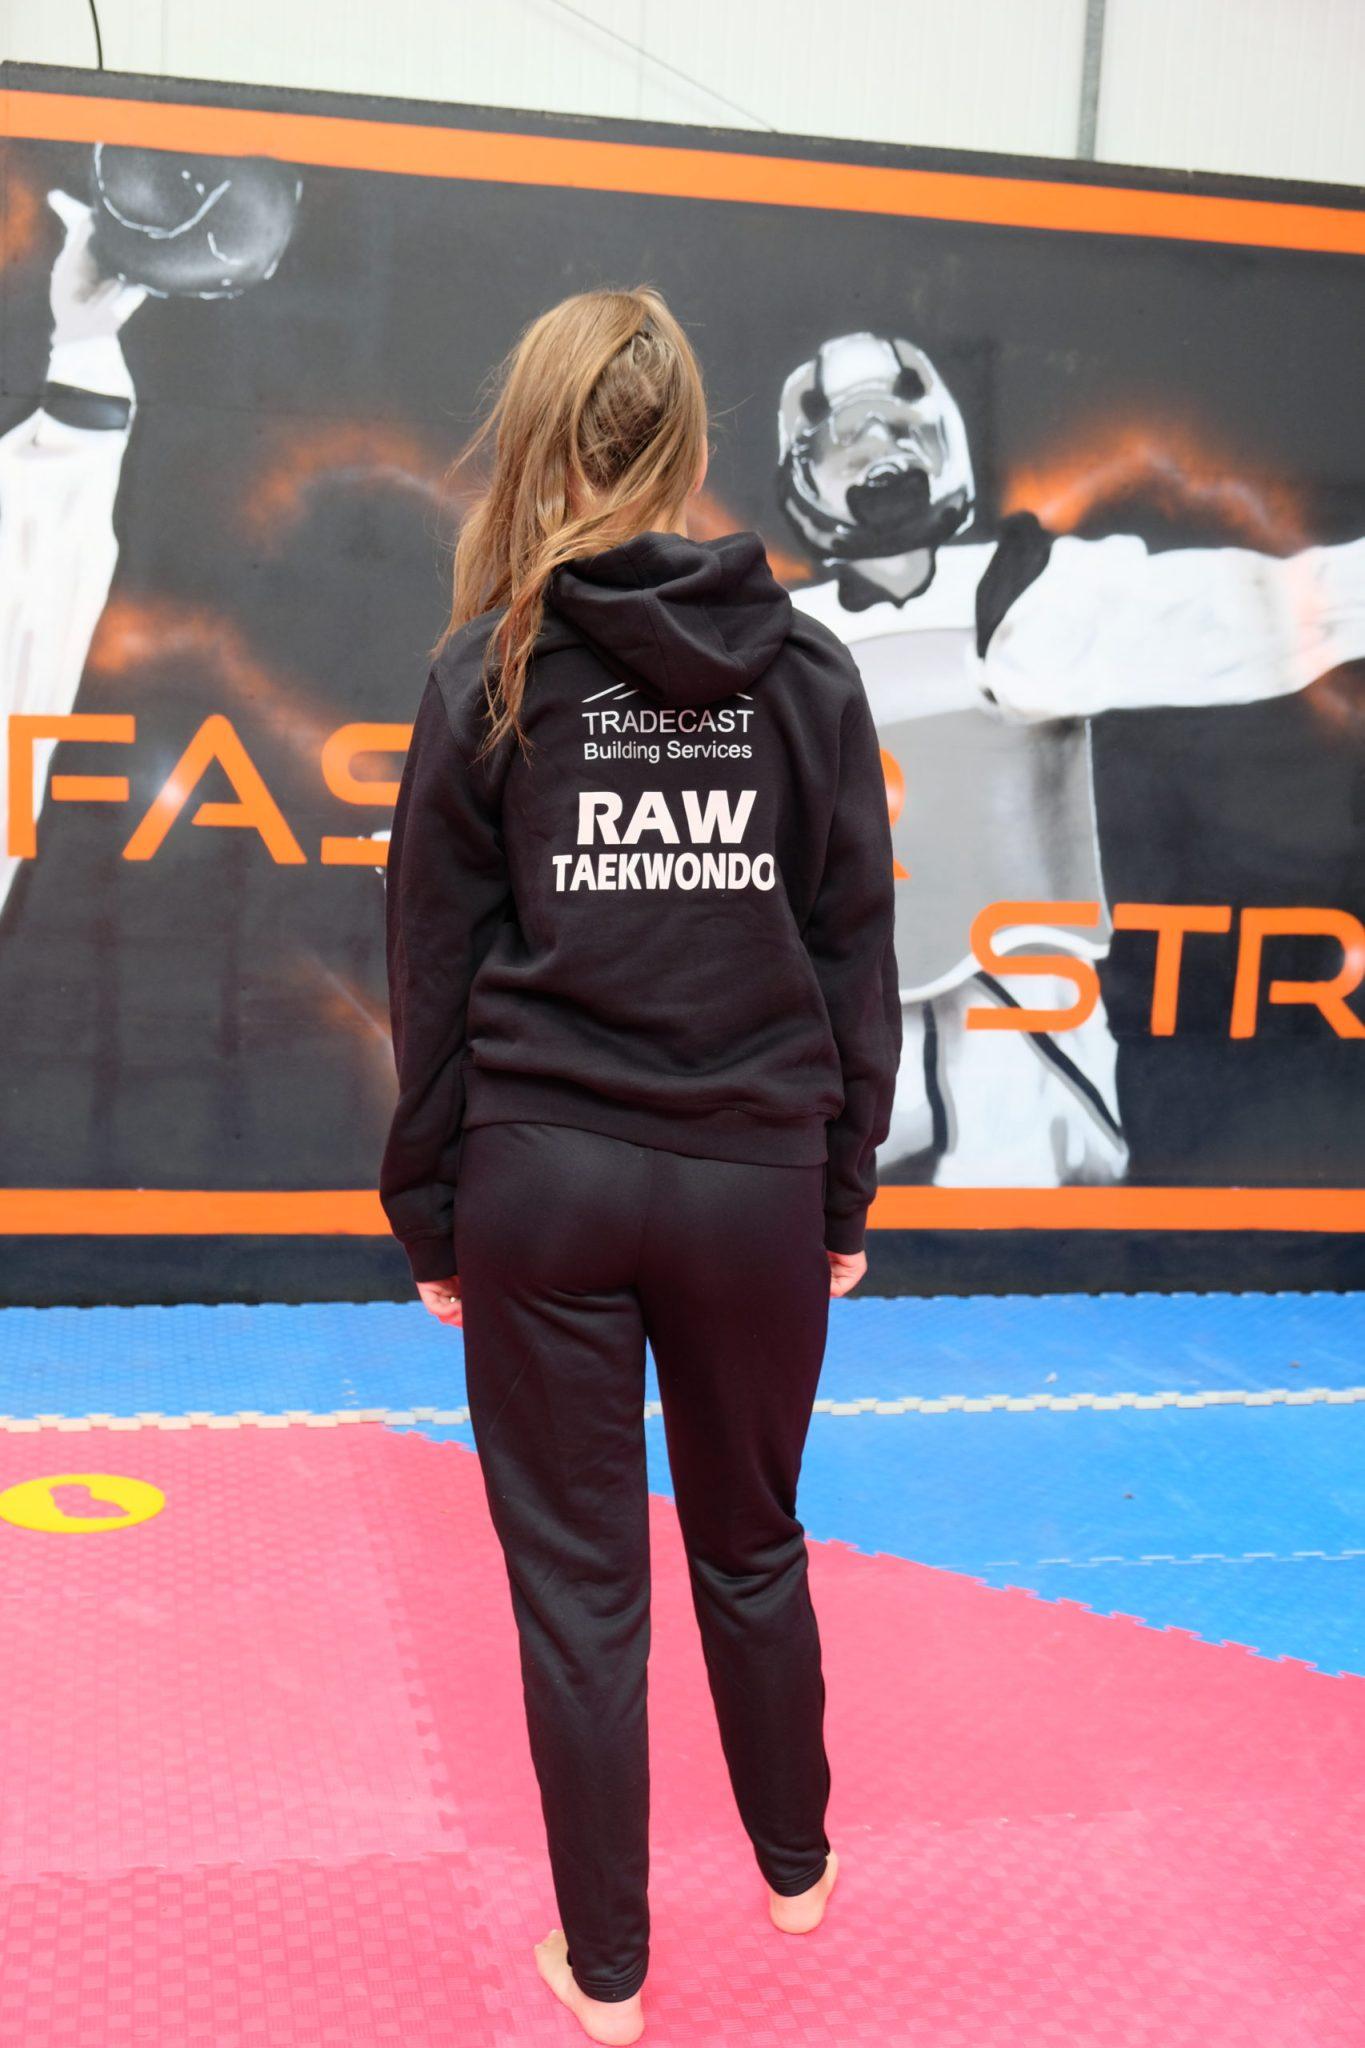 hoodie-back-order-raw-taekwondo